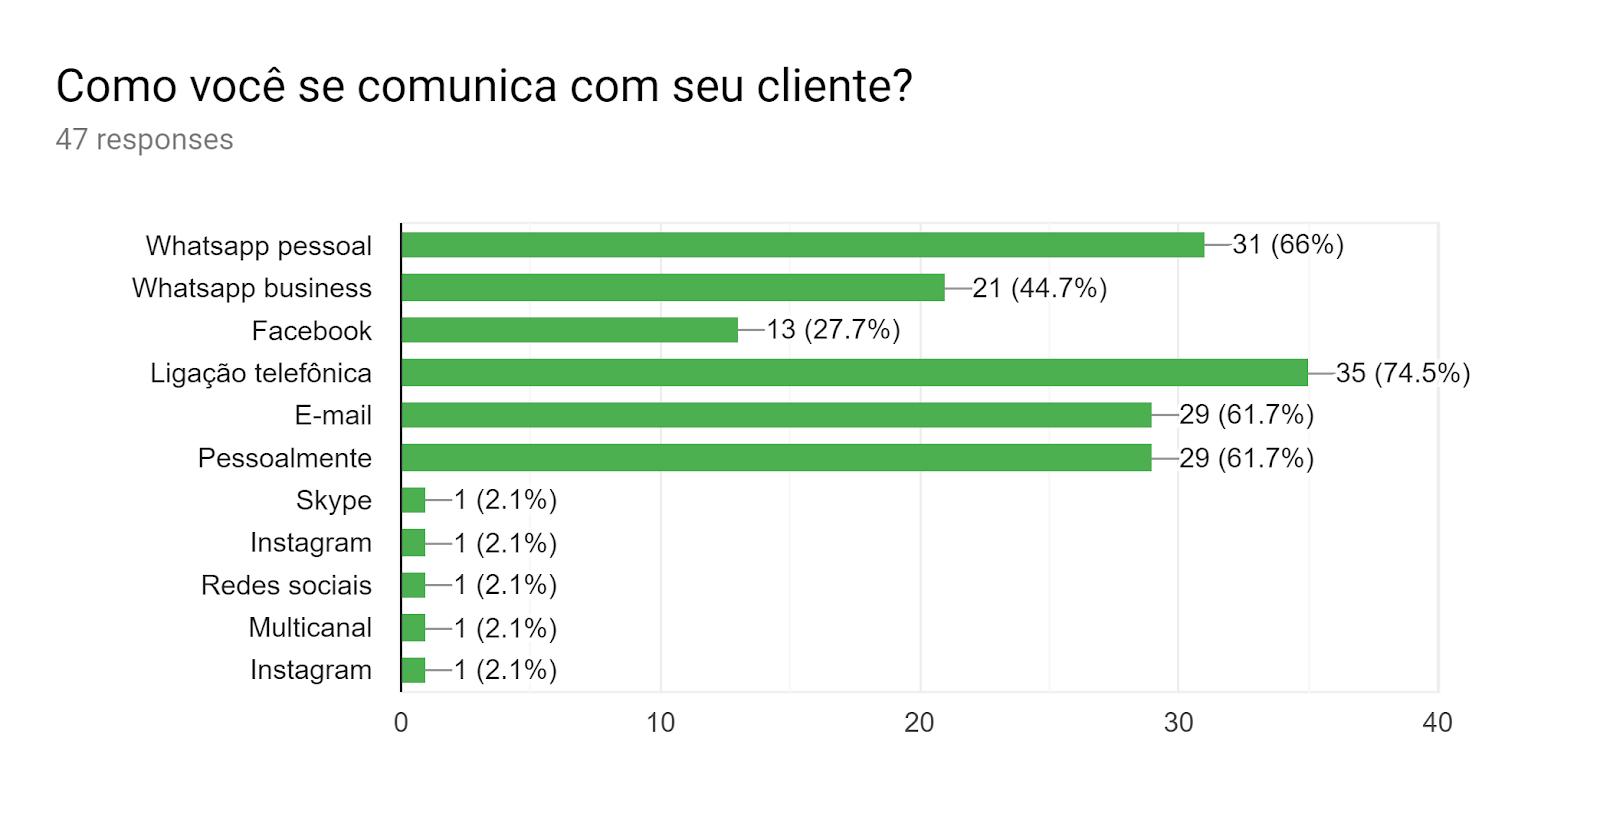 Forms response chart. Question title: Como você se comunica com seu cliente?. Number of responses: 47 responses.